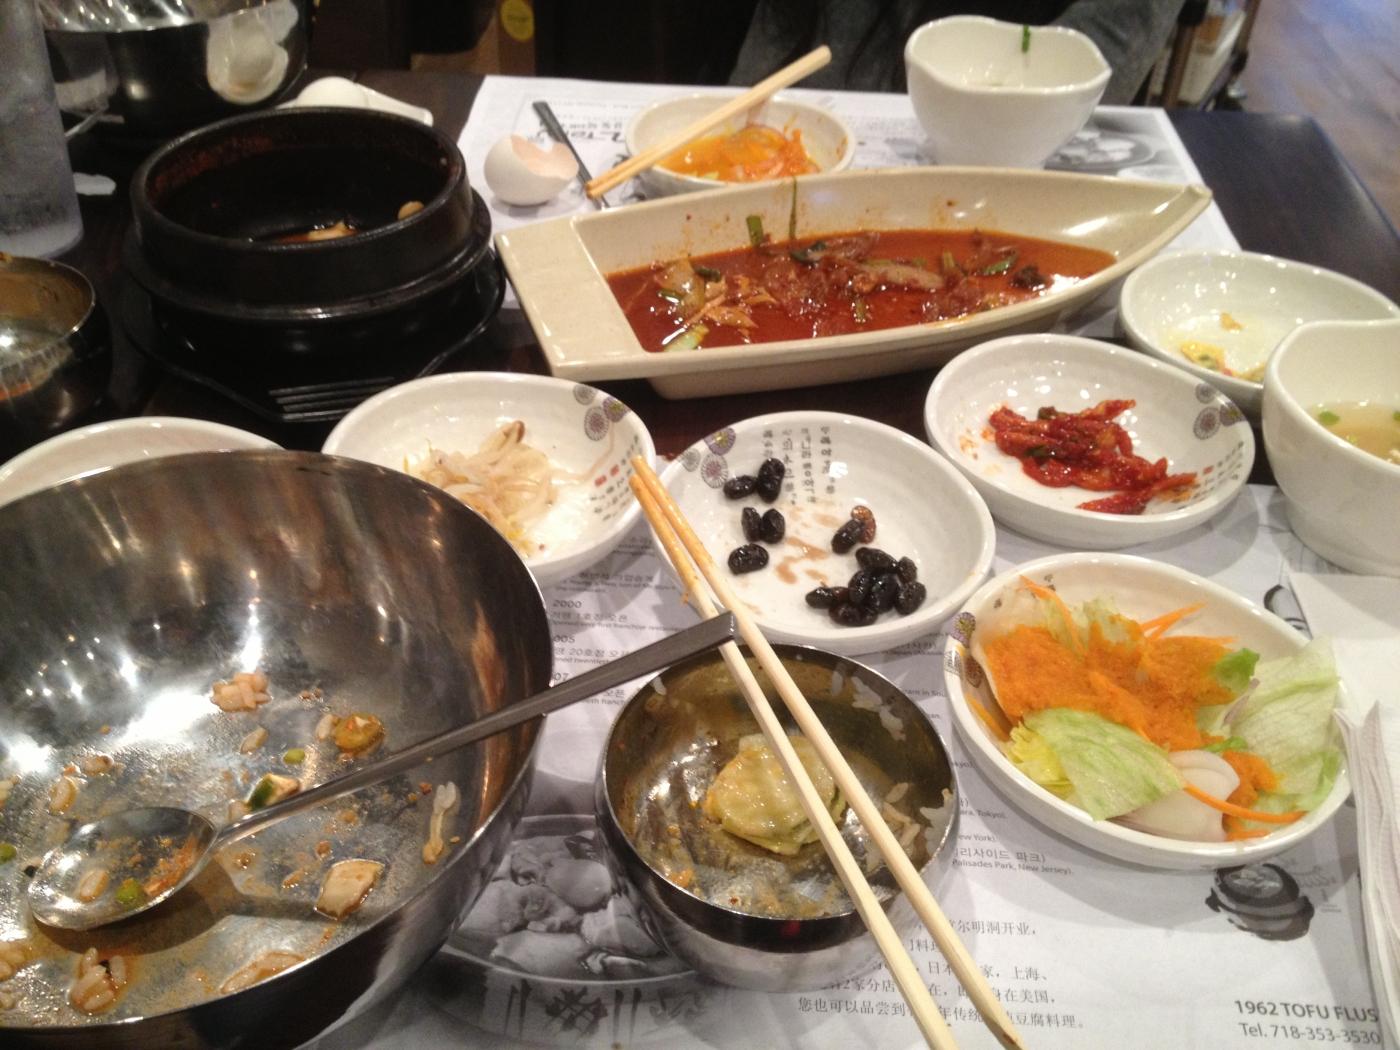 [jiejoy]晚餐---豆腐煲_图1-13